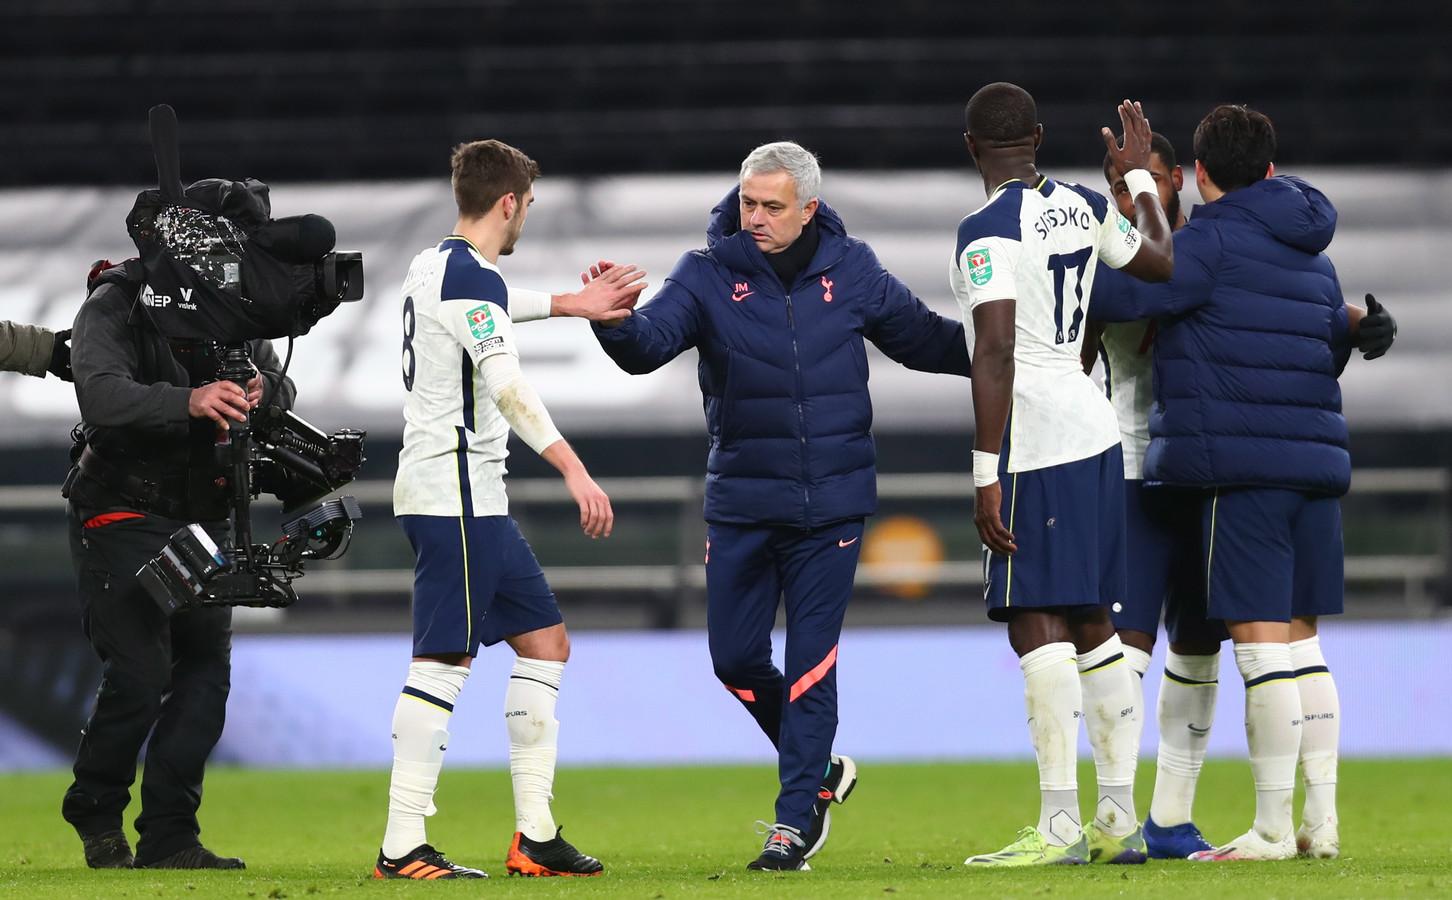 José Mourinho vindt dat zijn collega's en clubs niet moeten klagen over het drukke schema.